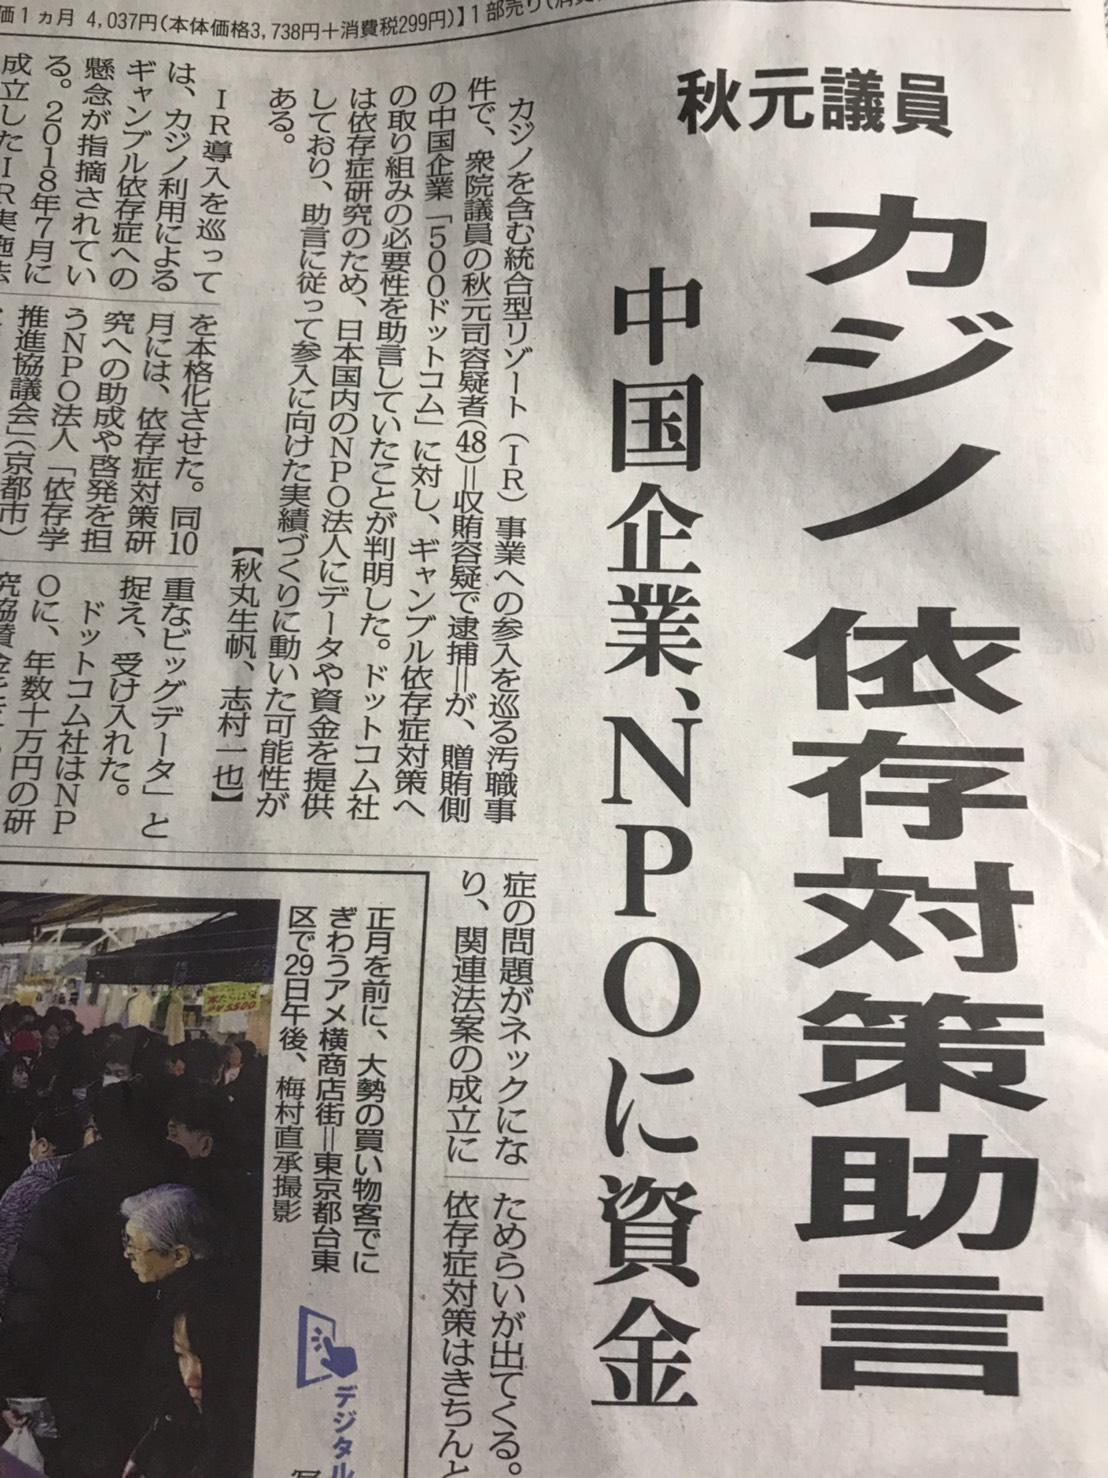 大阪IRに飛び火したカジノ疑獄の問題点です